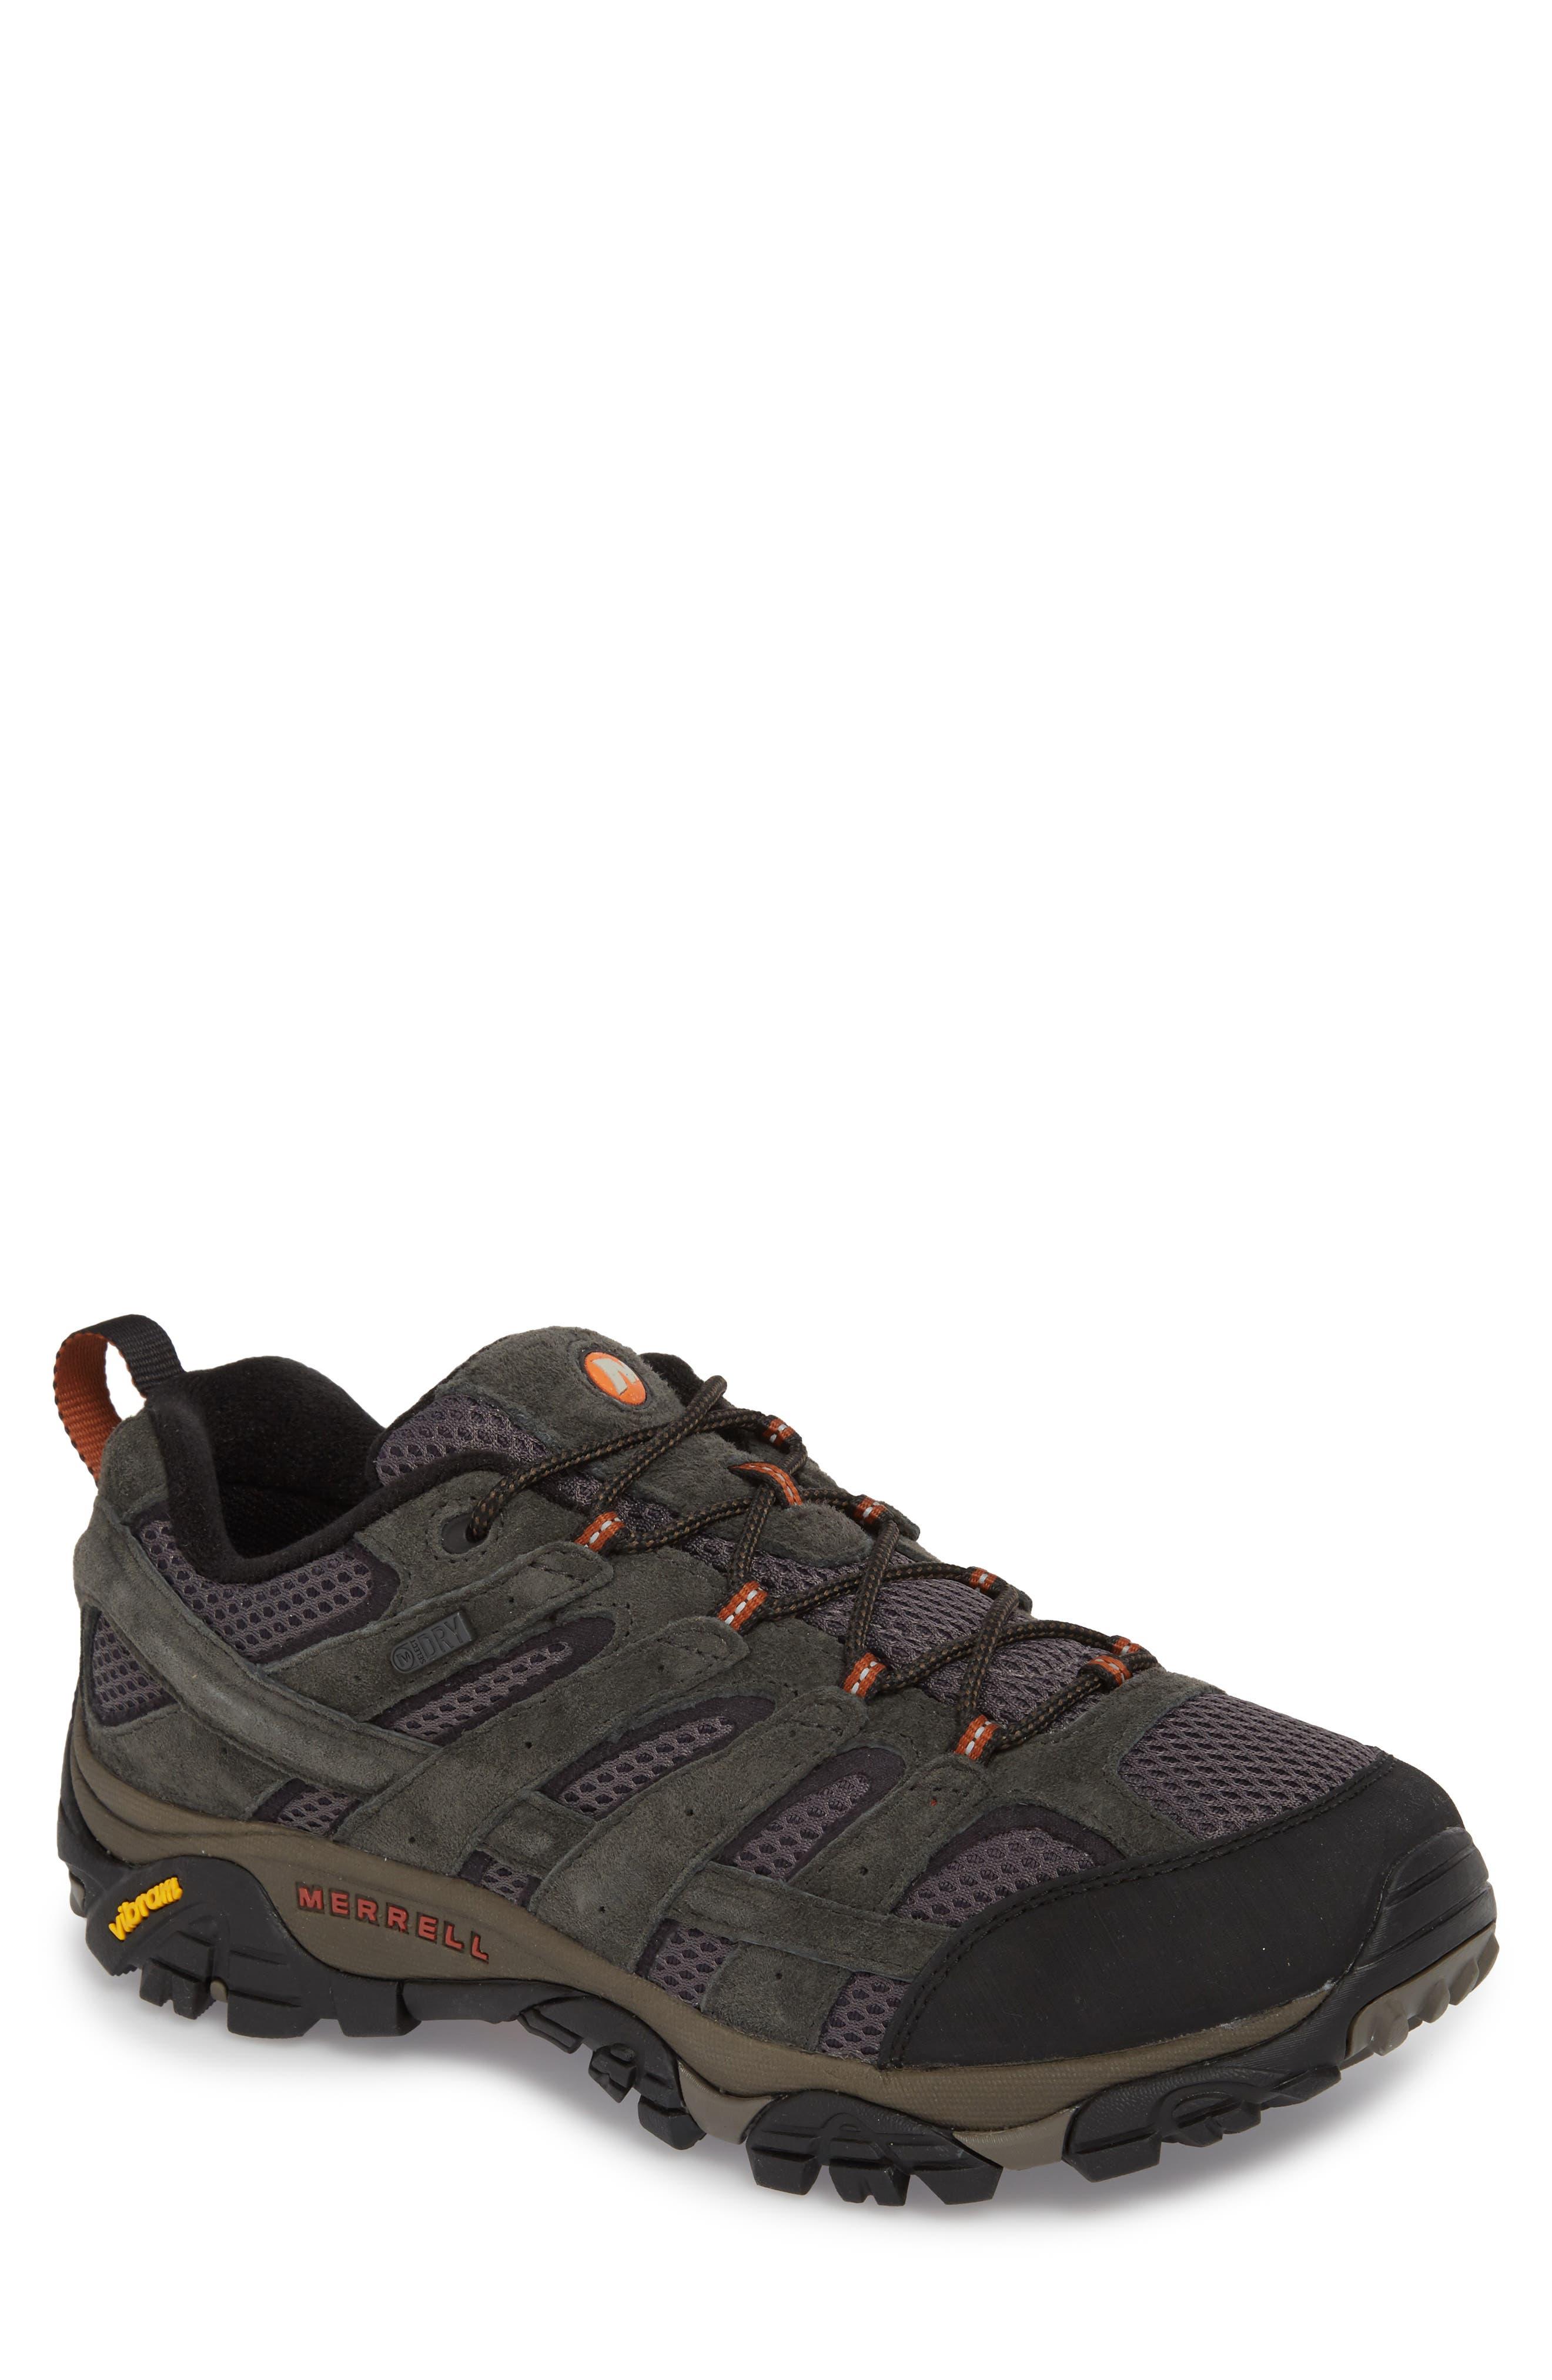 Moab 2 Waterproof HIking Shoe,                         Main,                         color, BELUGA/ BELUGA